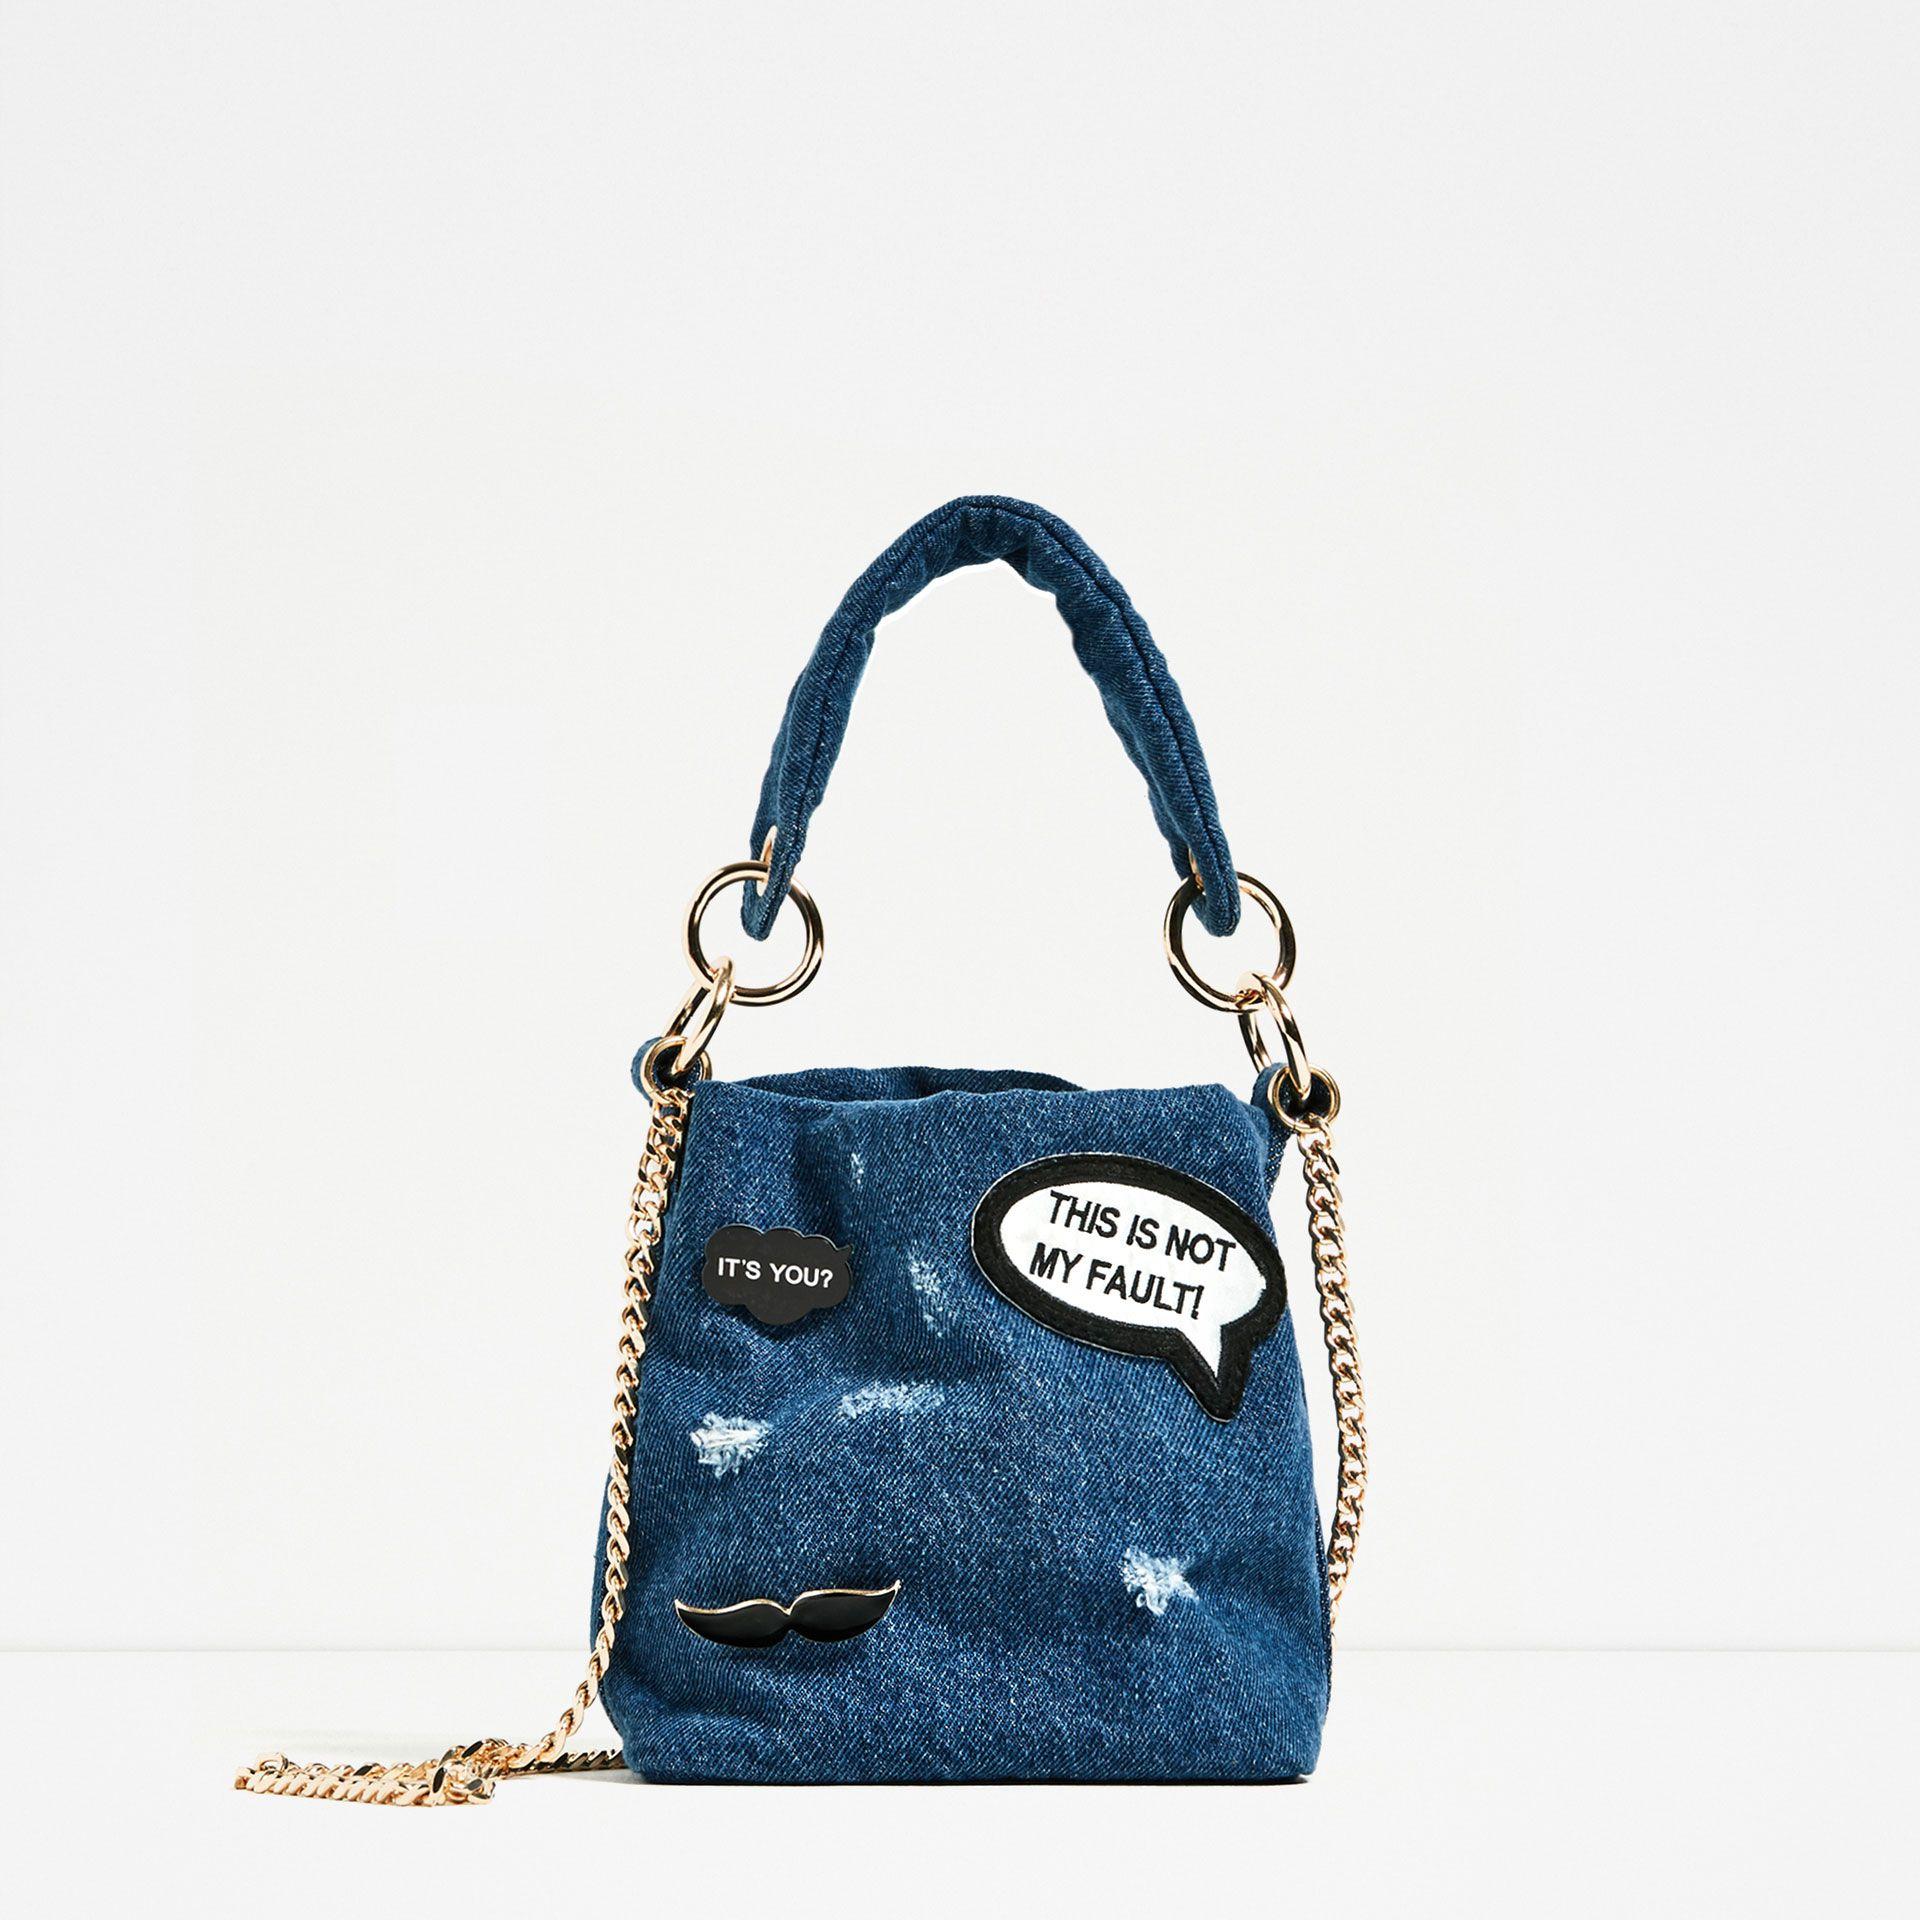 5 fantastičnih torbica sa trendy zakrpama i naljepnicama